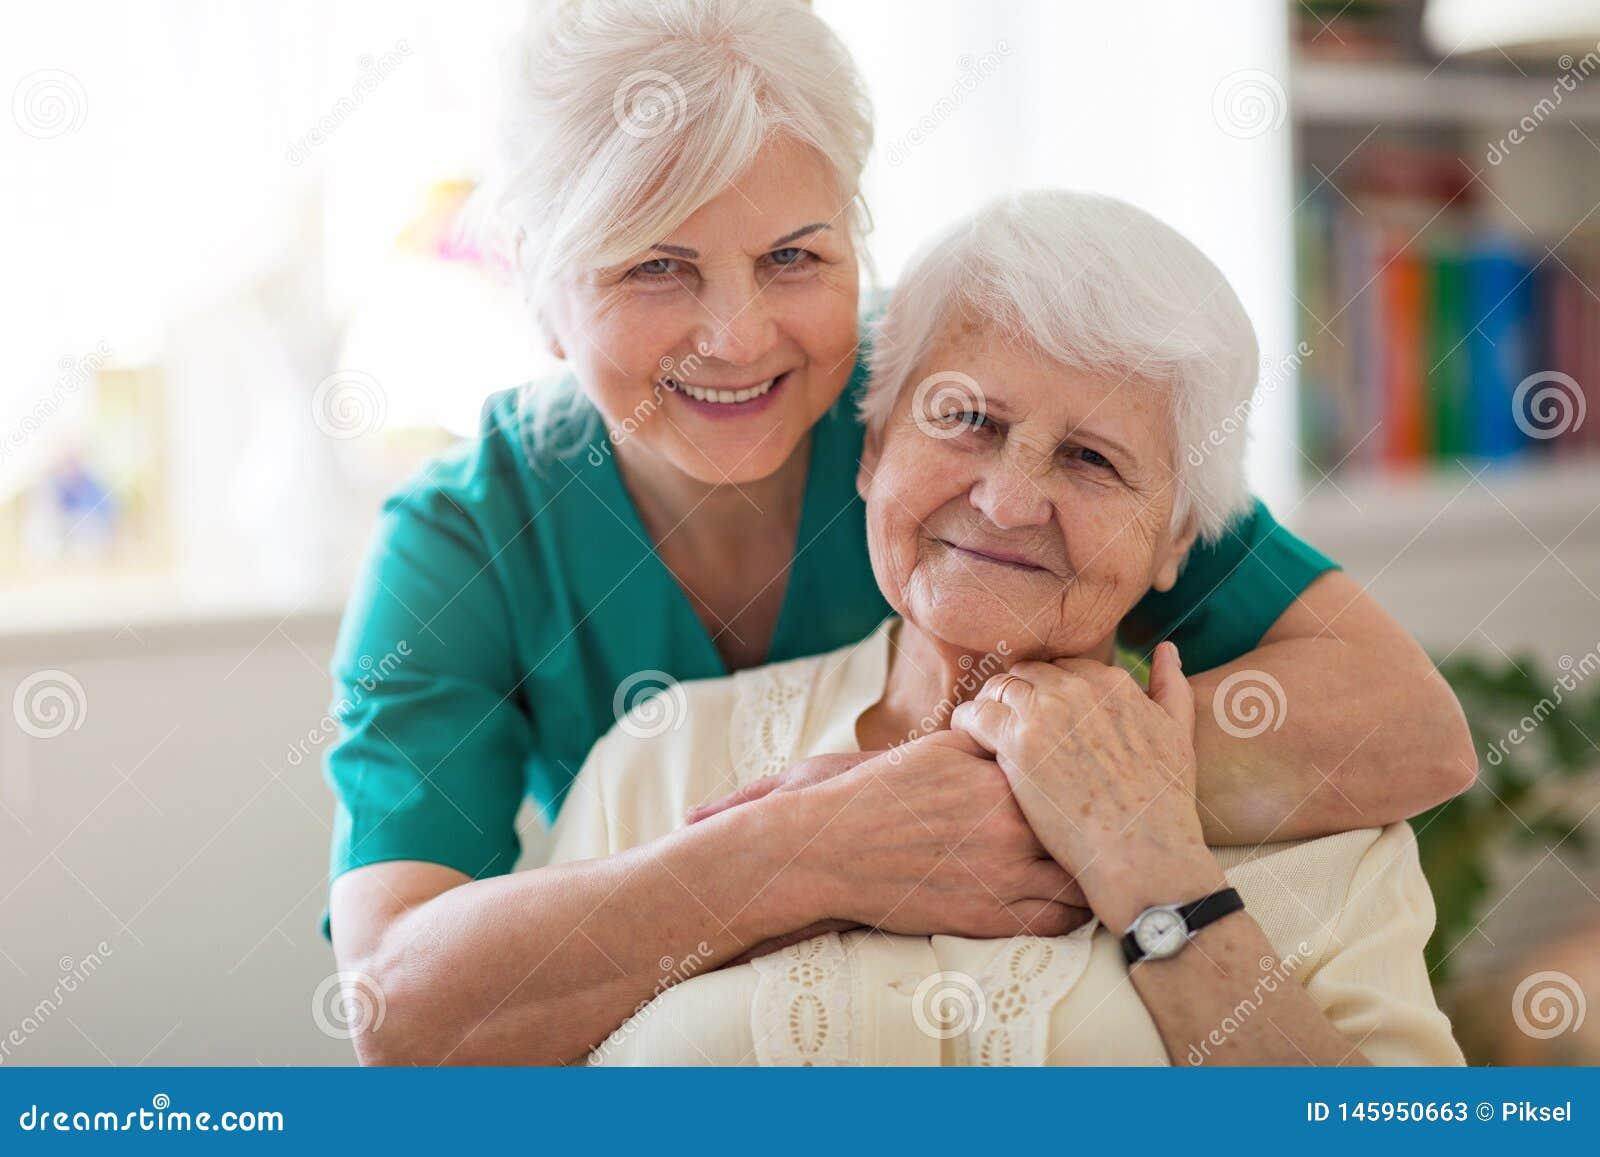 Ältere Frau mit ihrer weiblichen Pflegekraft